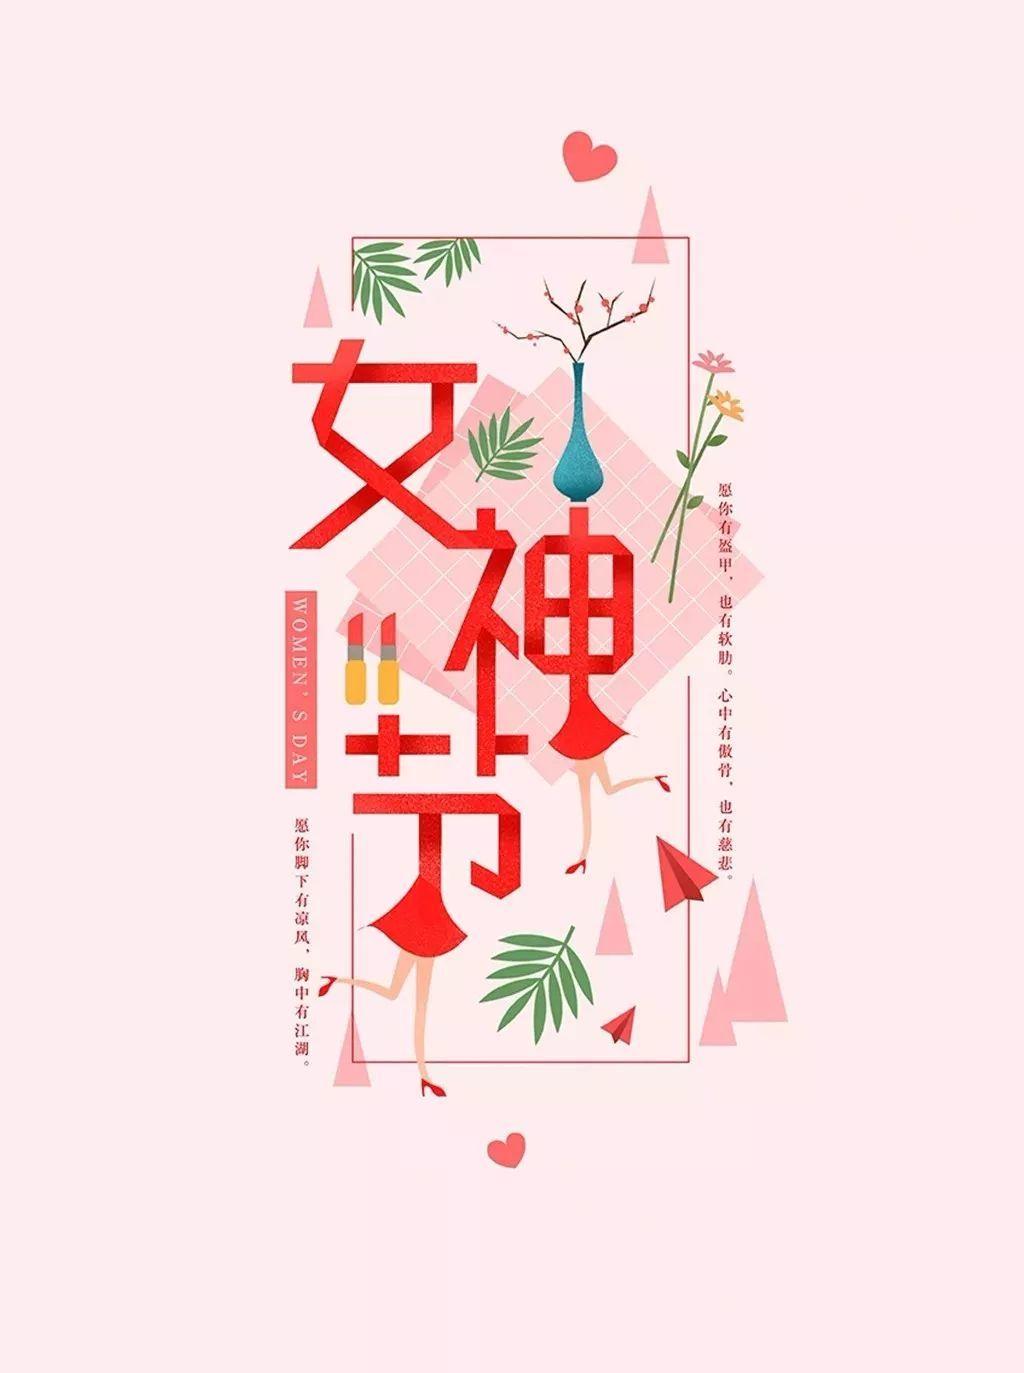 三八妇女节问候祝福语大全 三八节快乐图片发微信朋友